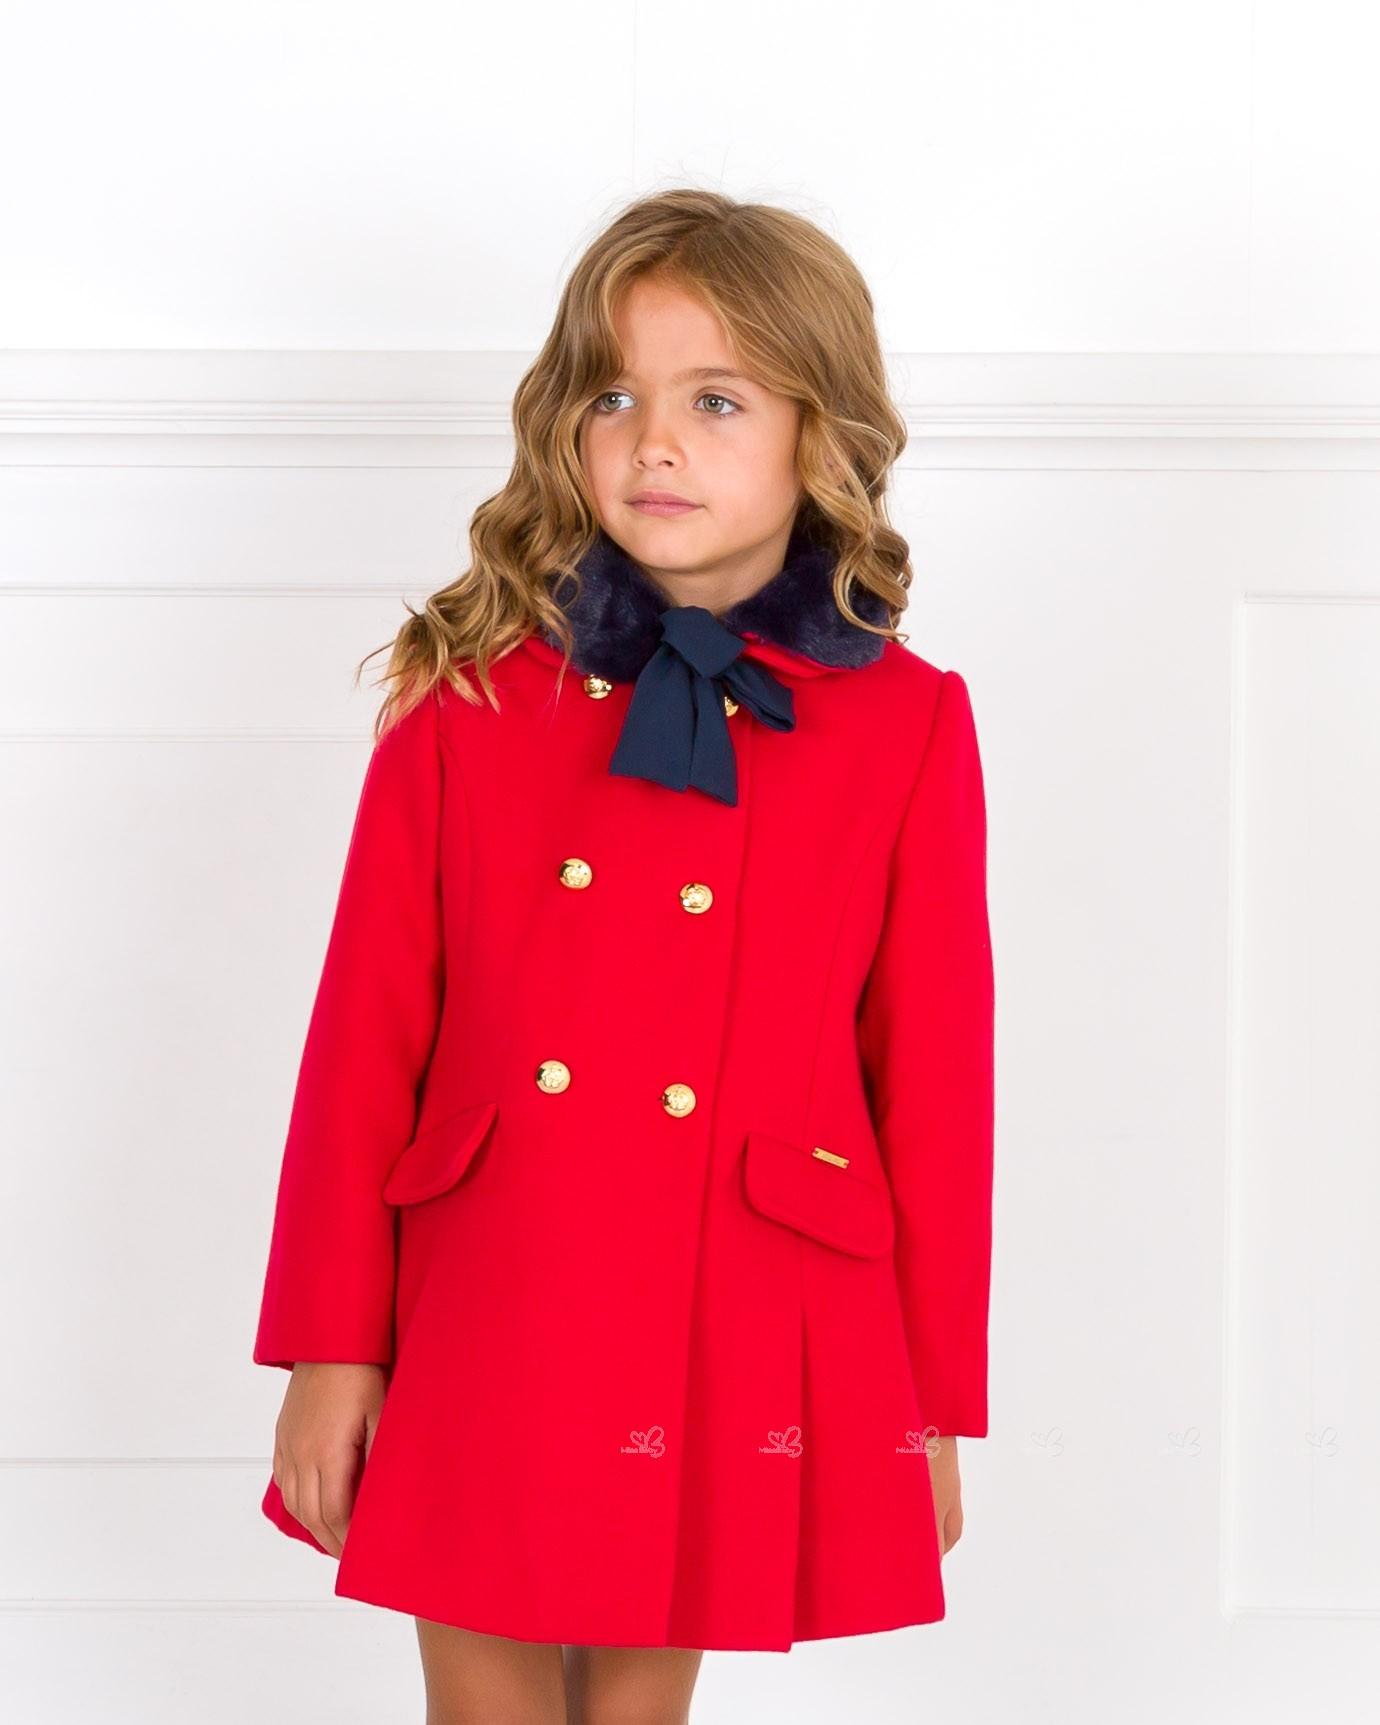 ... Dolce Petit Abrigo Niña Paño Rojo   Cuello Pelo Sintético Marino ... 9f32ac7f615